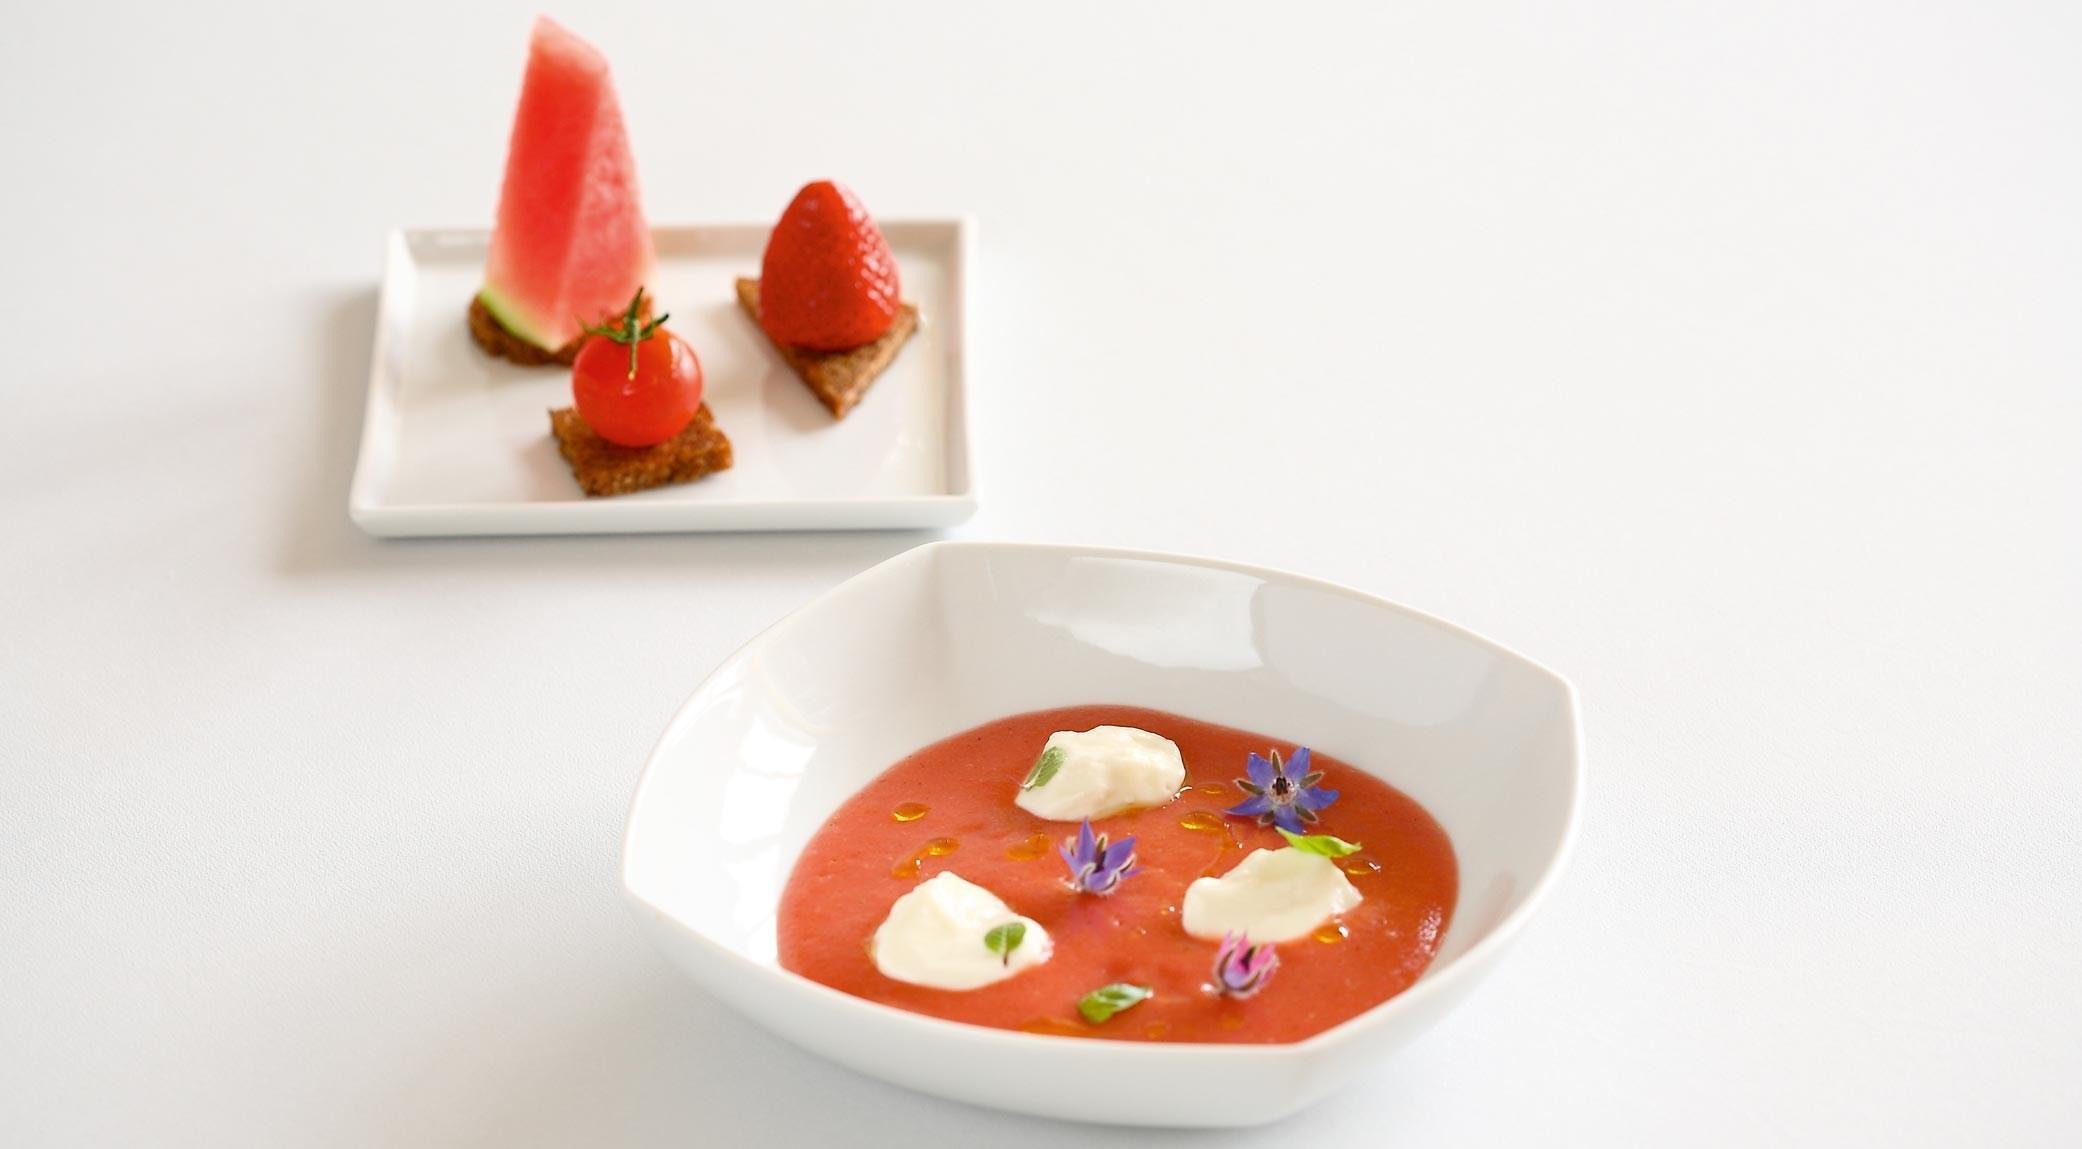 simone-salvini-ricetta-con-frutta